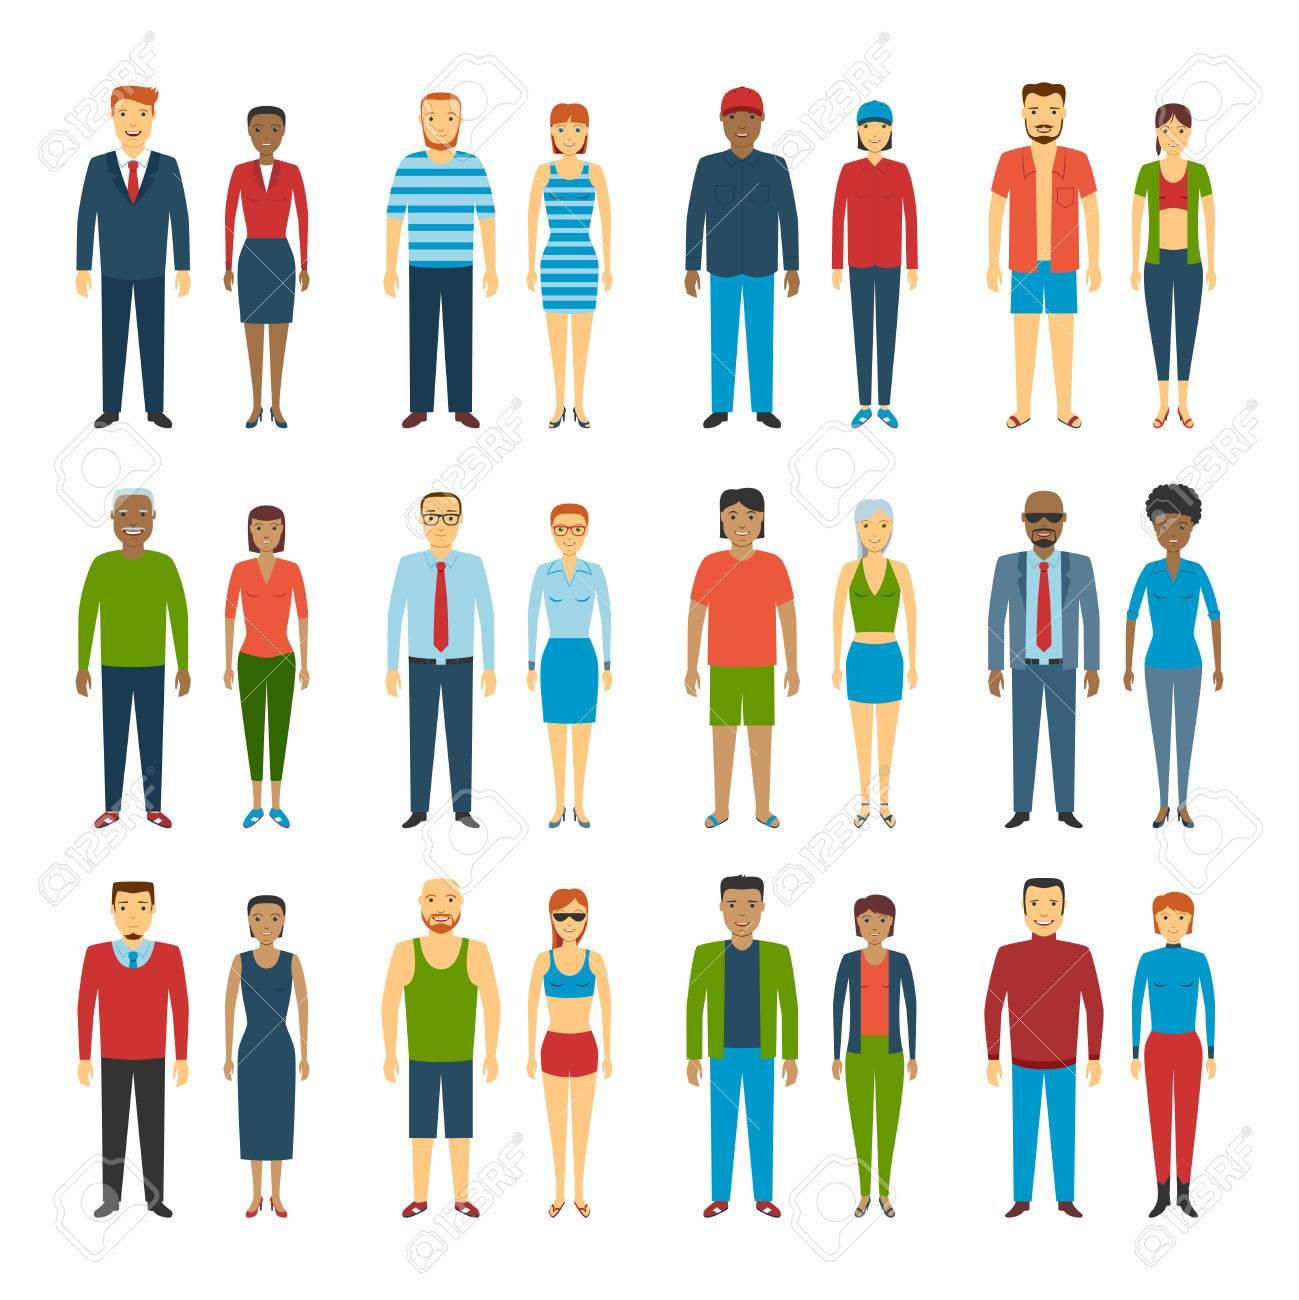 conjunto de personas de pie en el fondo blanco diferentes estilos